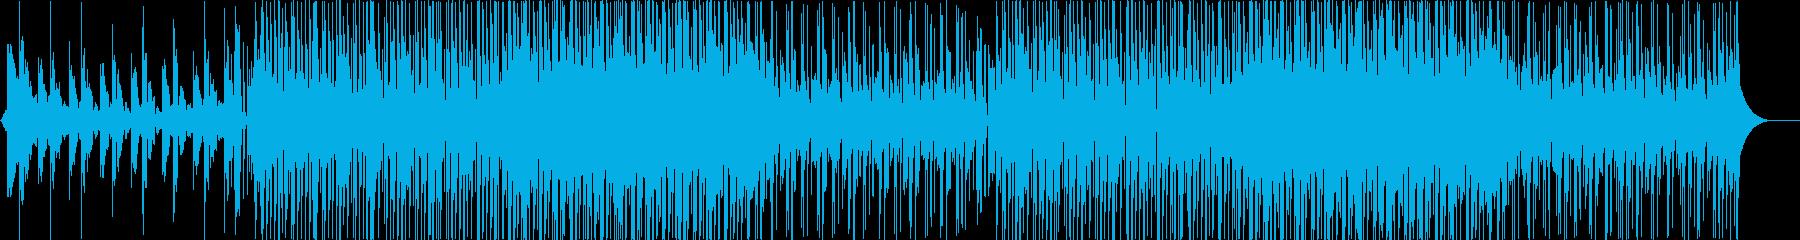 ほのぼのサマー夏の日_Inst Longの再生済みの波形